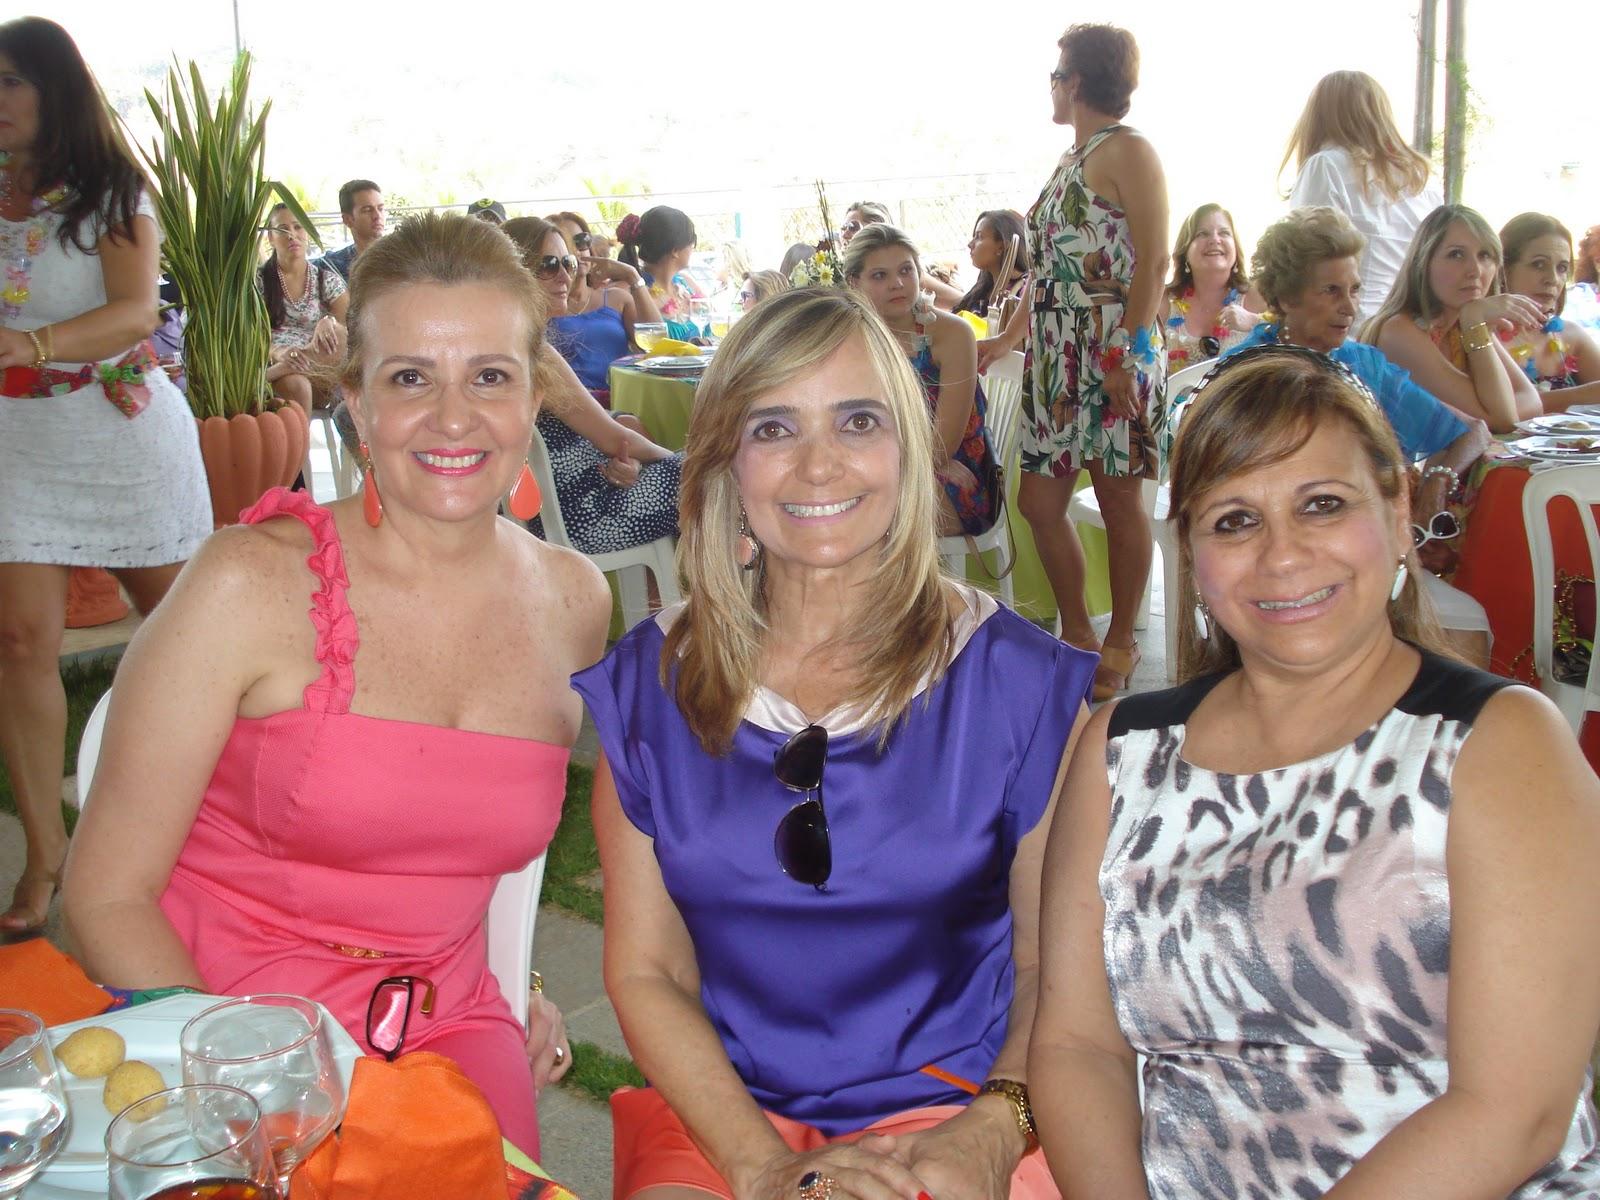 http://2.bp.blogspot.com/-mW4CpY07-eo/Tn-ELv5vNiI/AAAAAAAAAWo/x87fbrViTZM/s1600/festas+marielle+2509+002.JPG